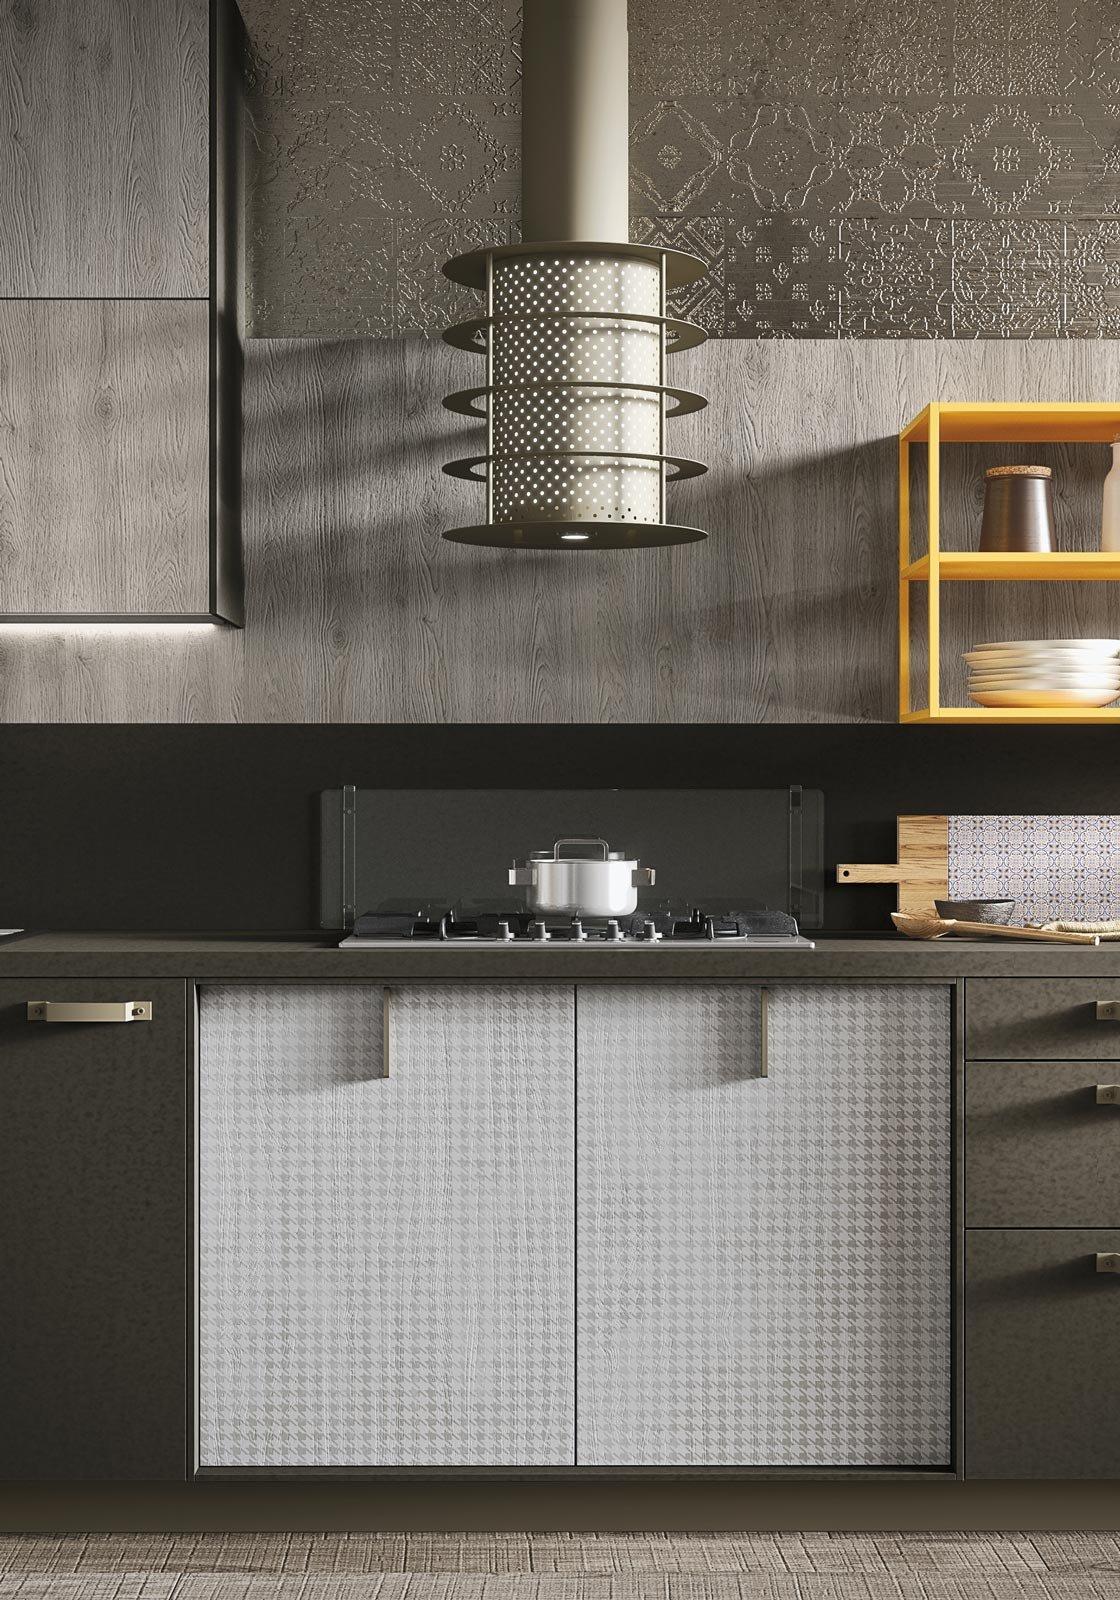 Cucine industrial style loft di snaidero cose di casa - Cucine urban style ...